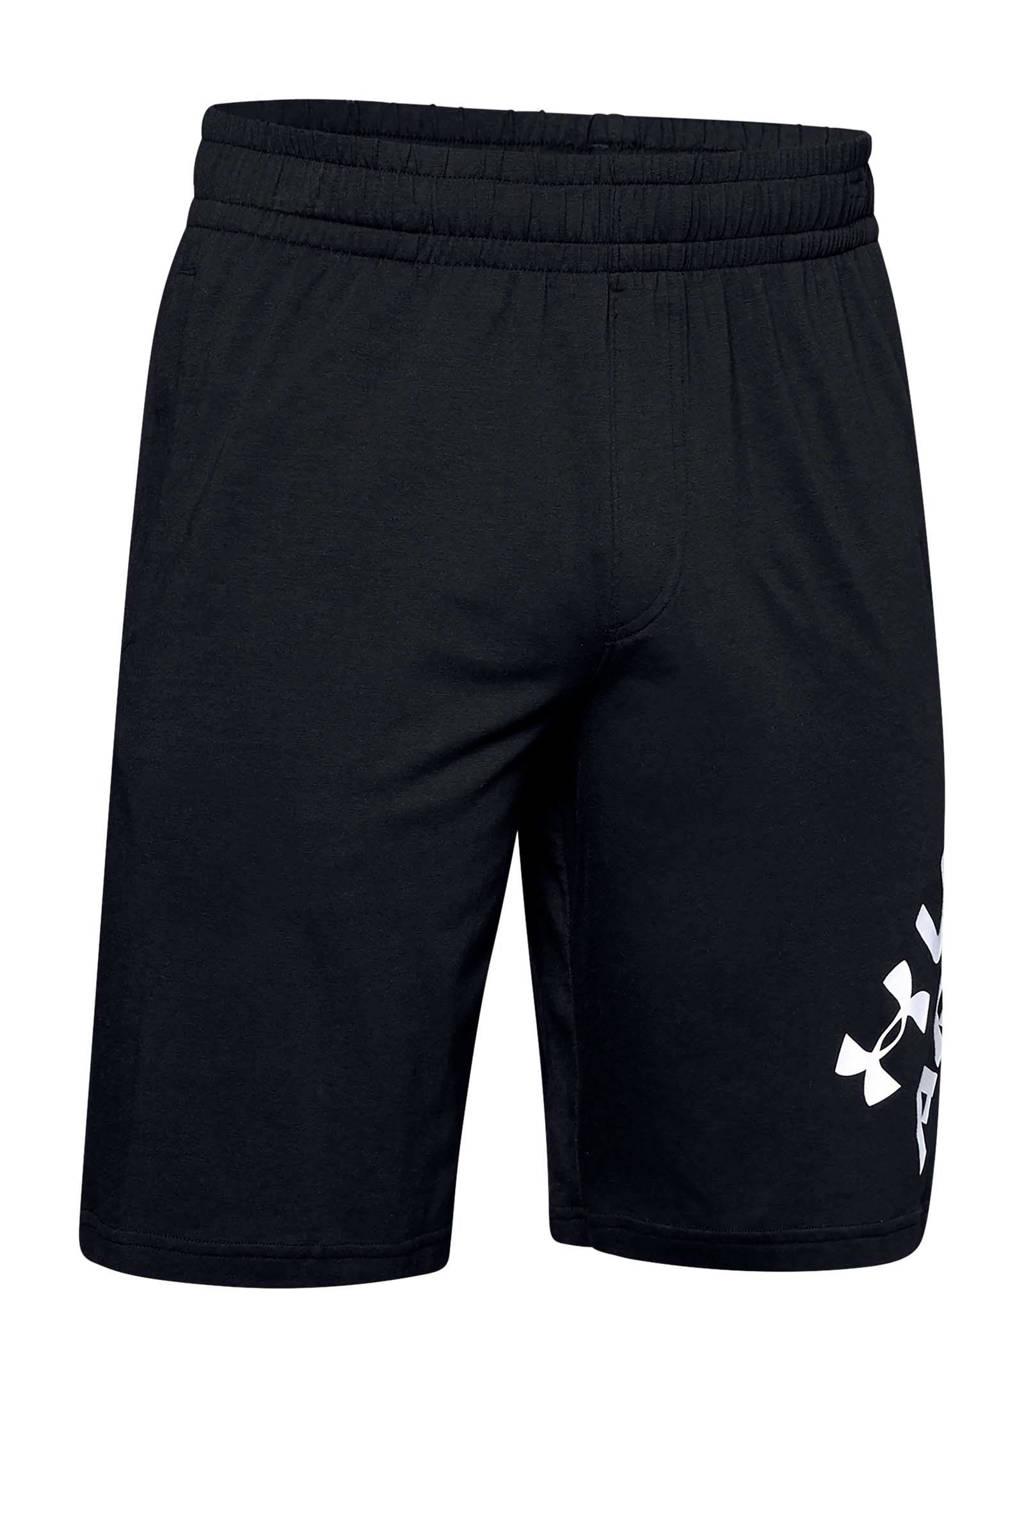 Under Armour   sportshort, Zwart/wit